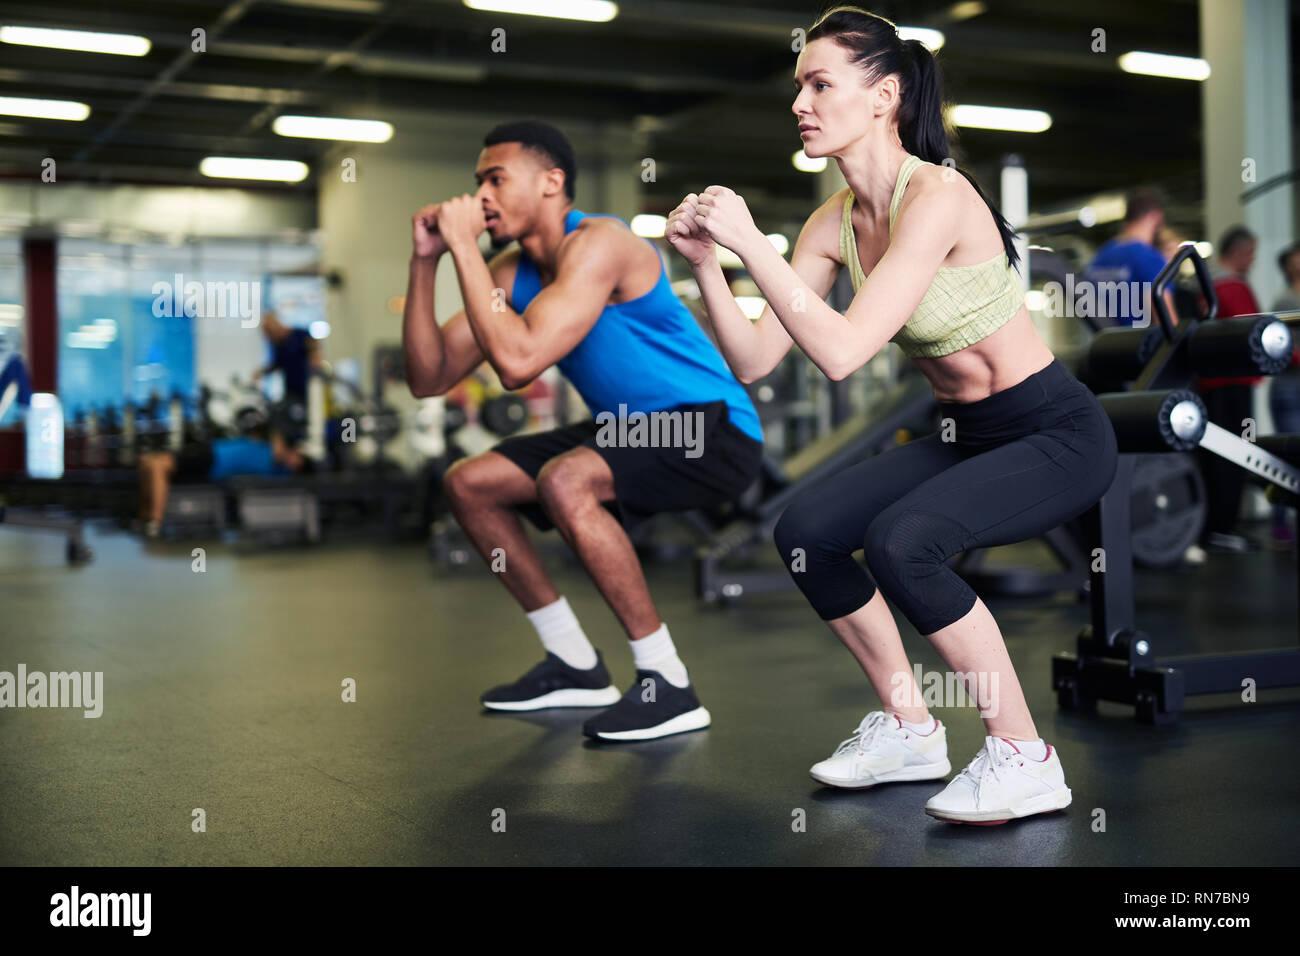 Das trainieren im Sportzentrum Stockbild